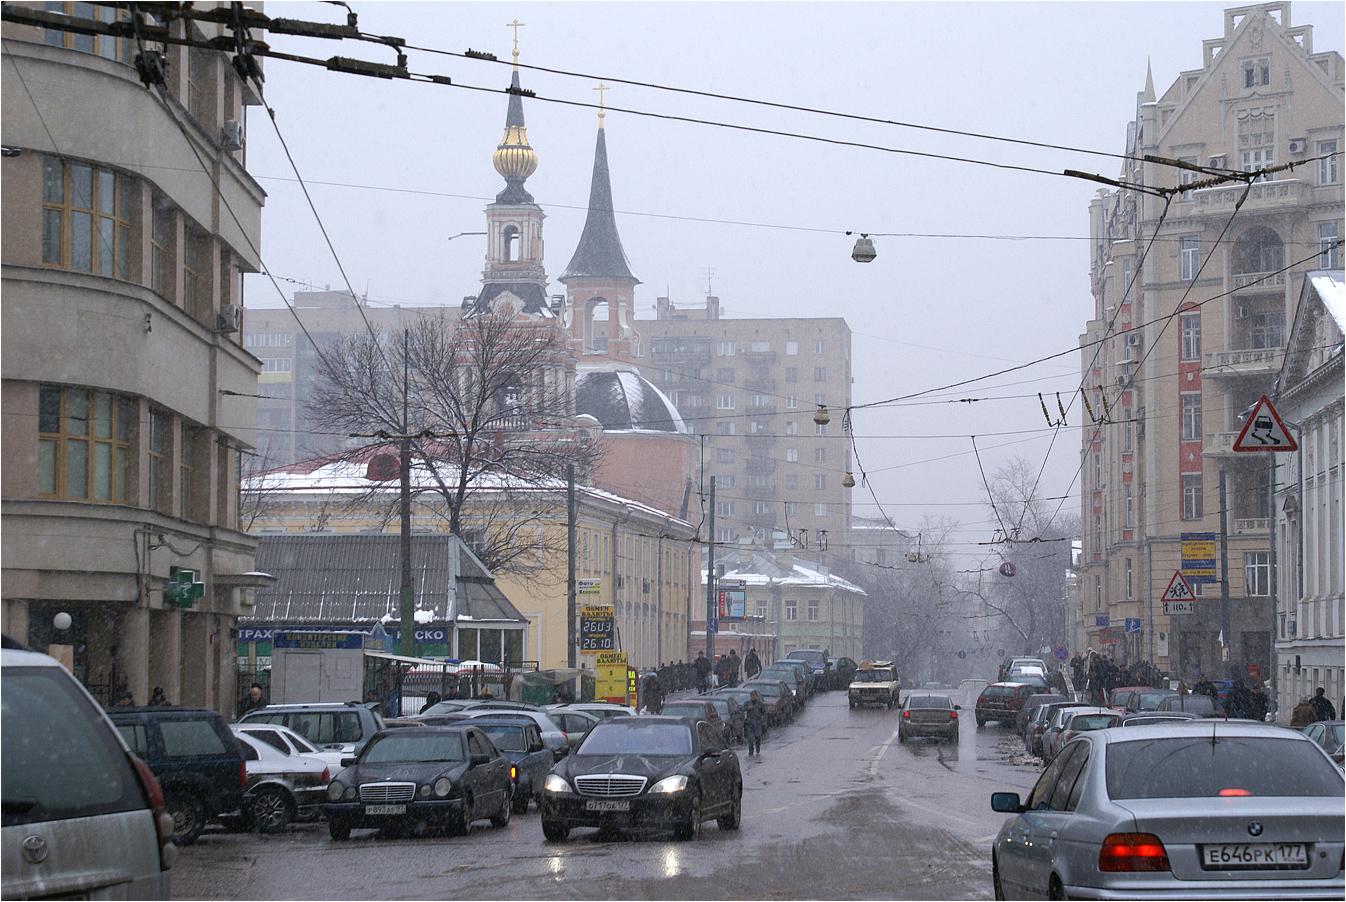 196. 2007. Новая Басманная улица, вид от сквера у площади Красных ворот